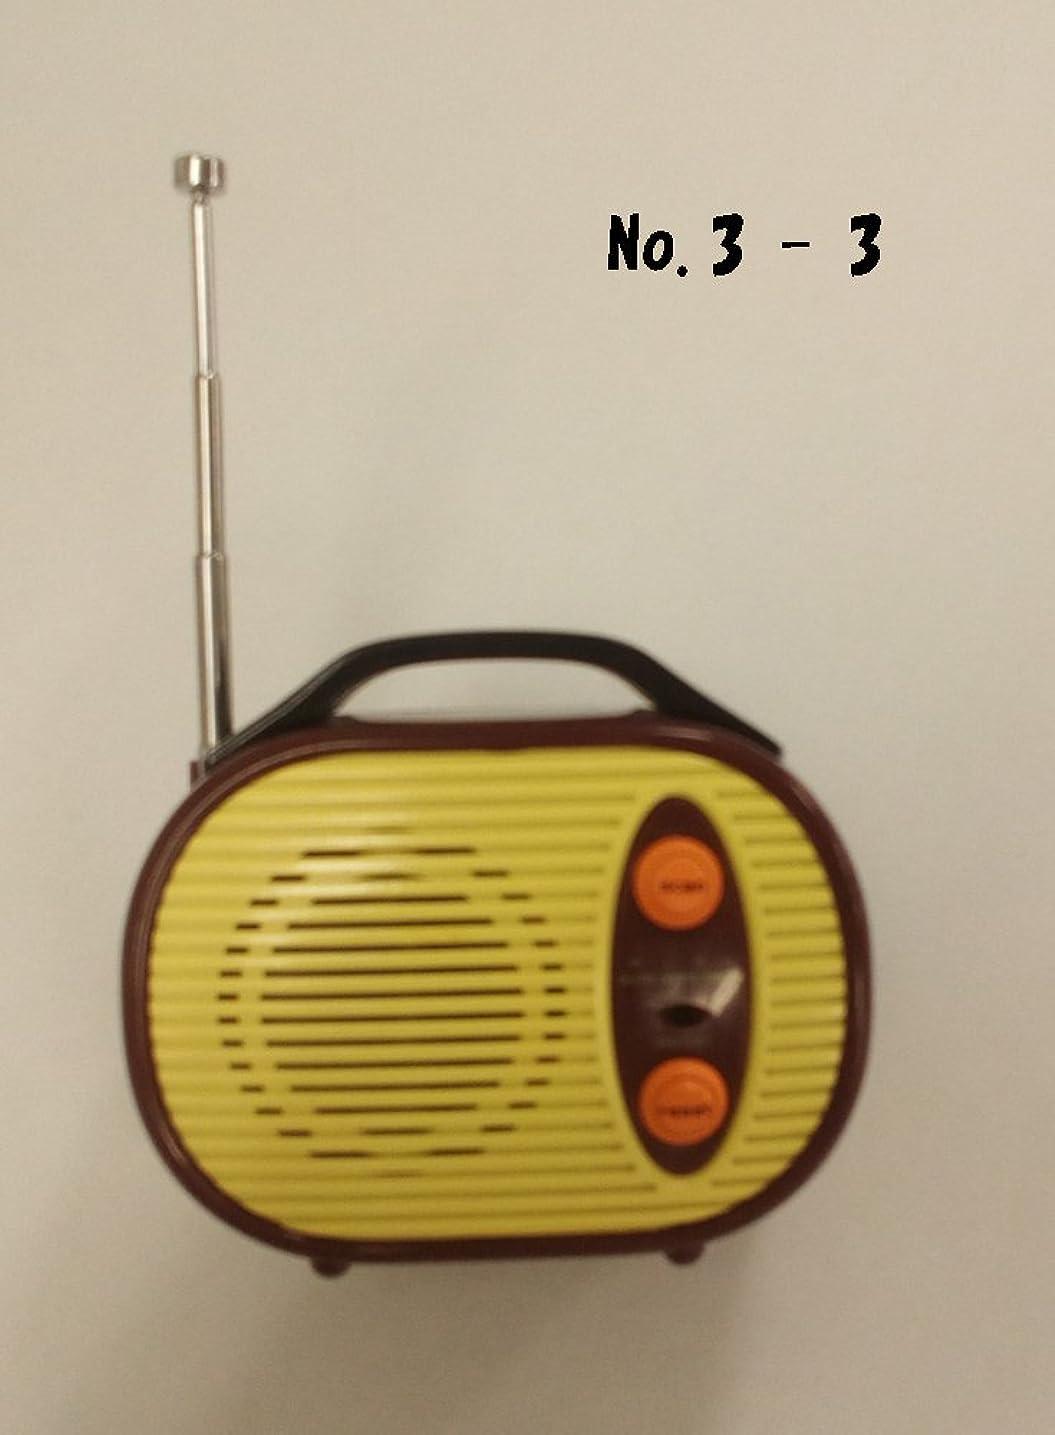 光沢トーナメント賛美歌レトロラジオ (No.3, 3) [並行輸入品]